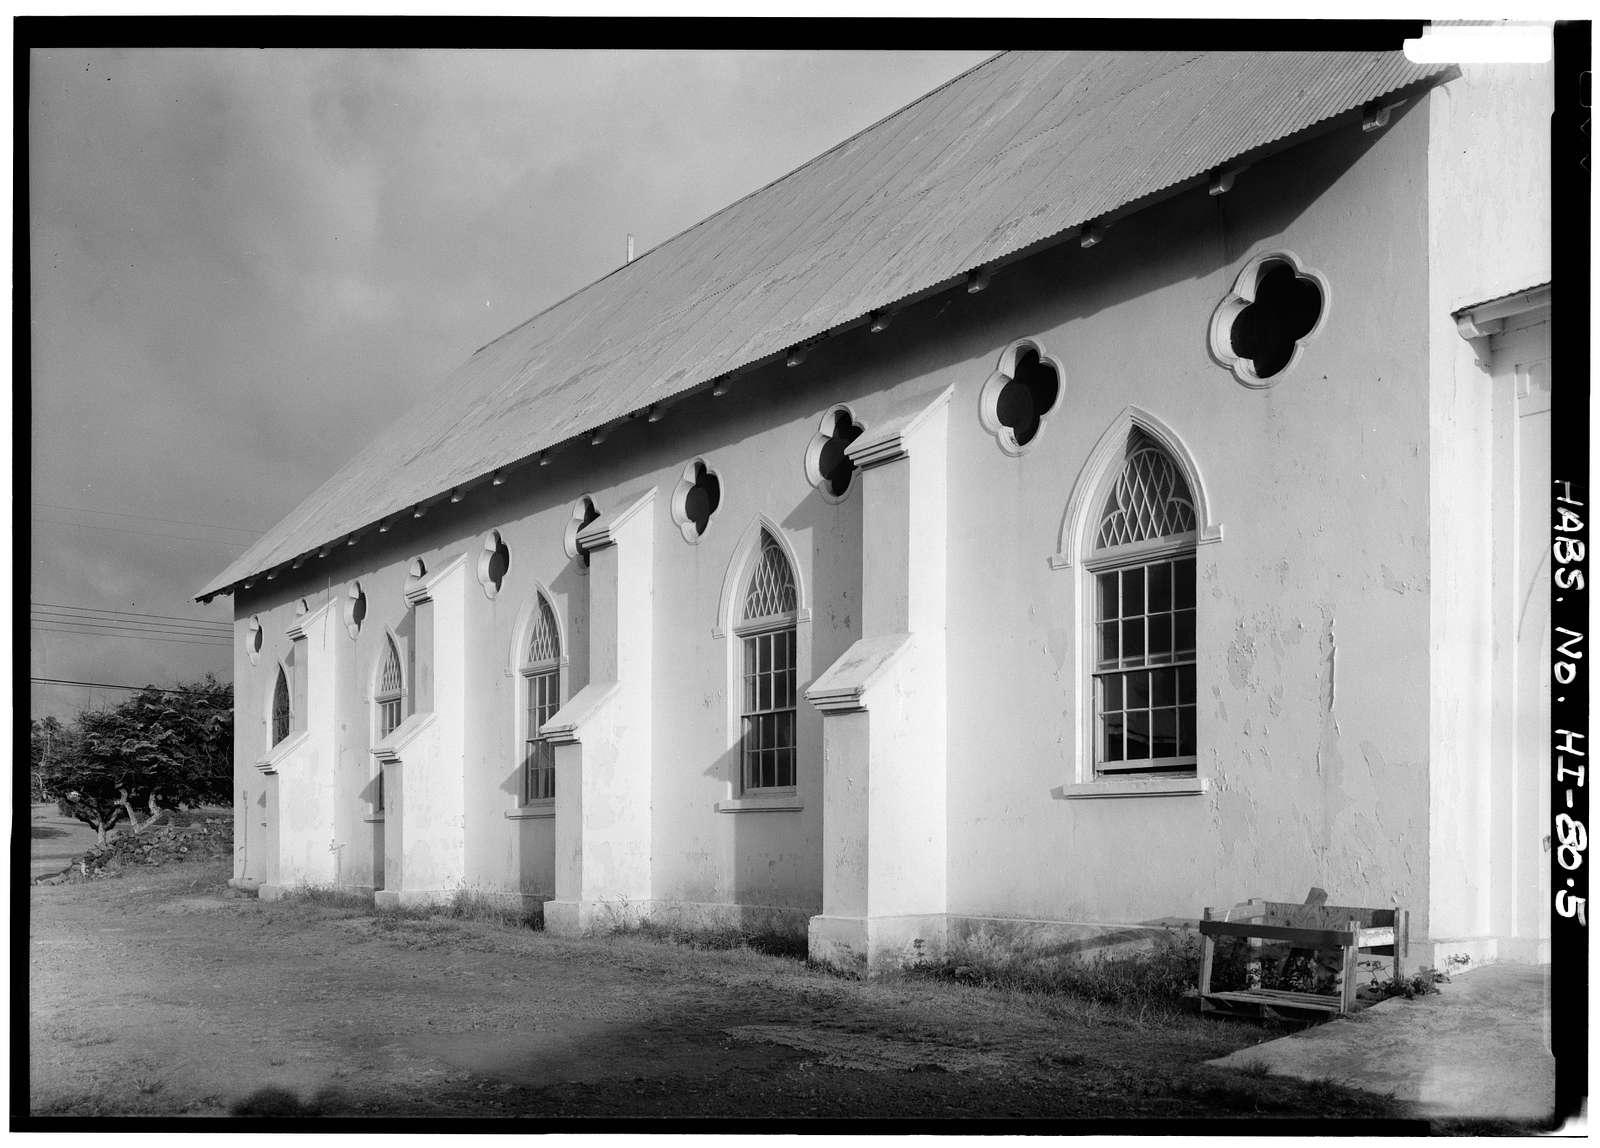 St. Francis Catholic Church, Moloka'i Island, Kalaupapa, Kalawao County, HI